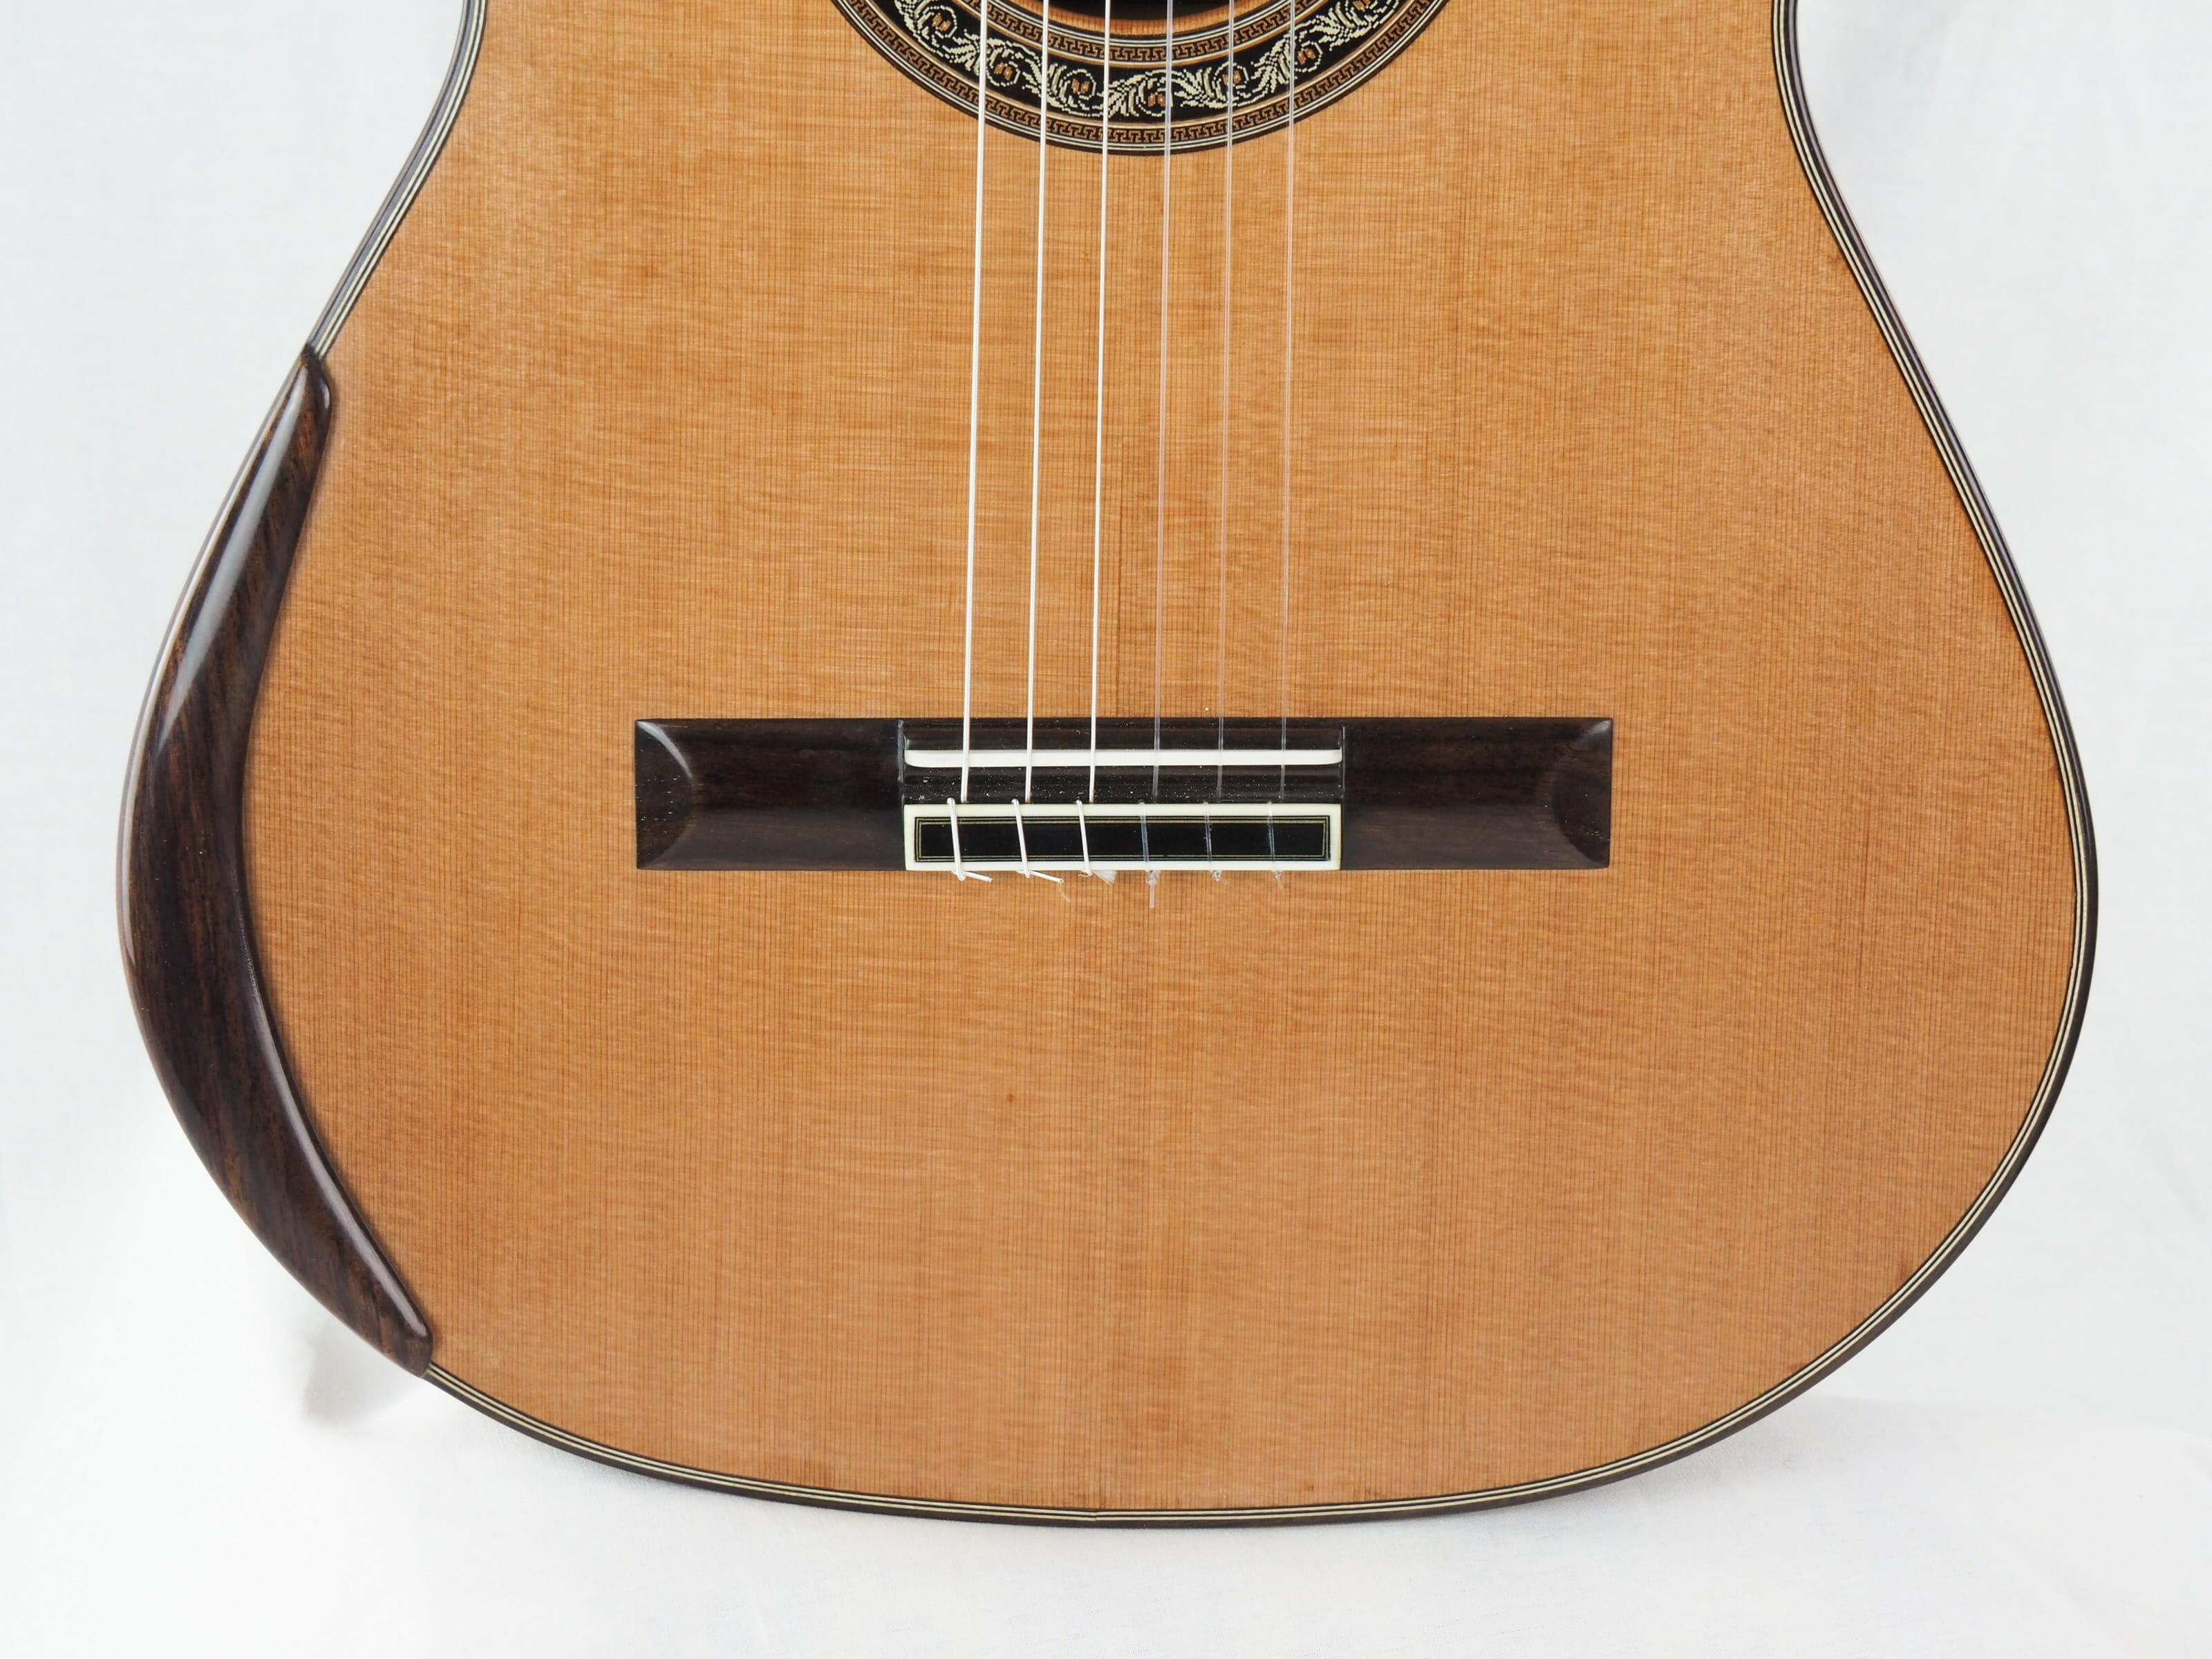 Charalampos Koumridis luthier guitare classique No 19KOU131-09